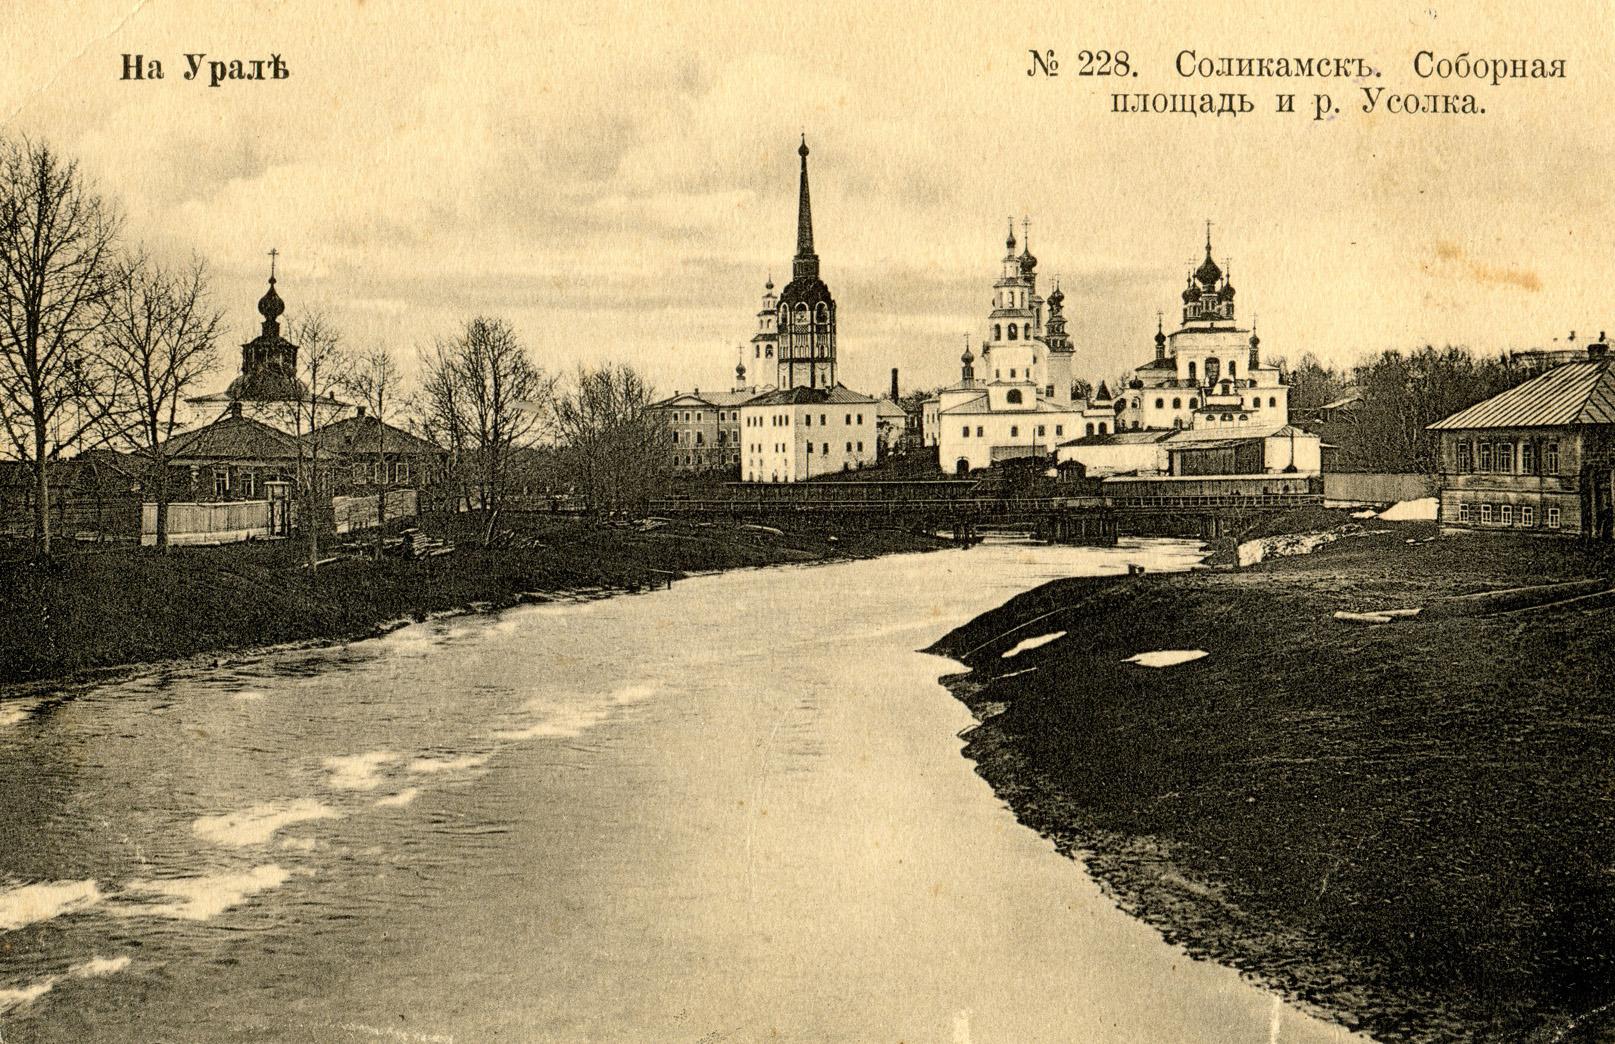 Соборная площадь и река Усолка